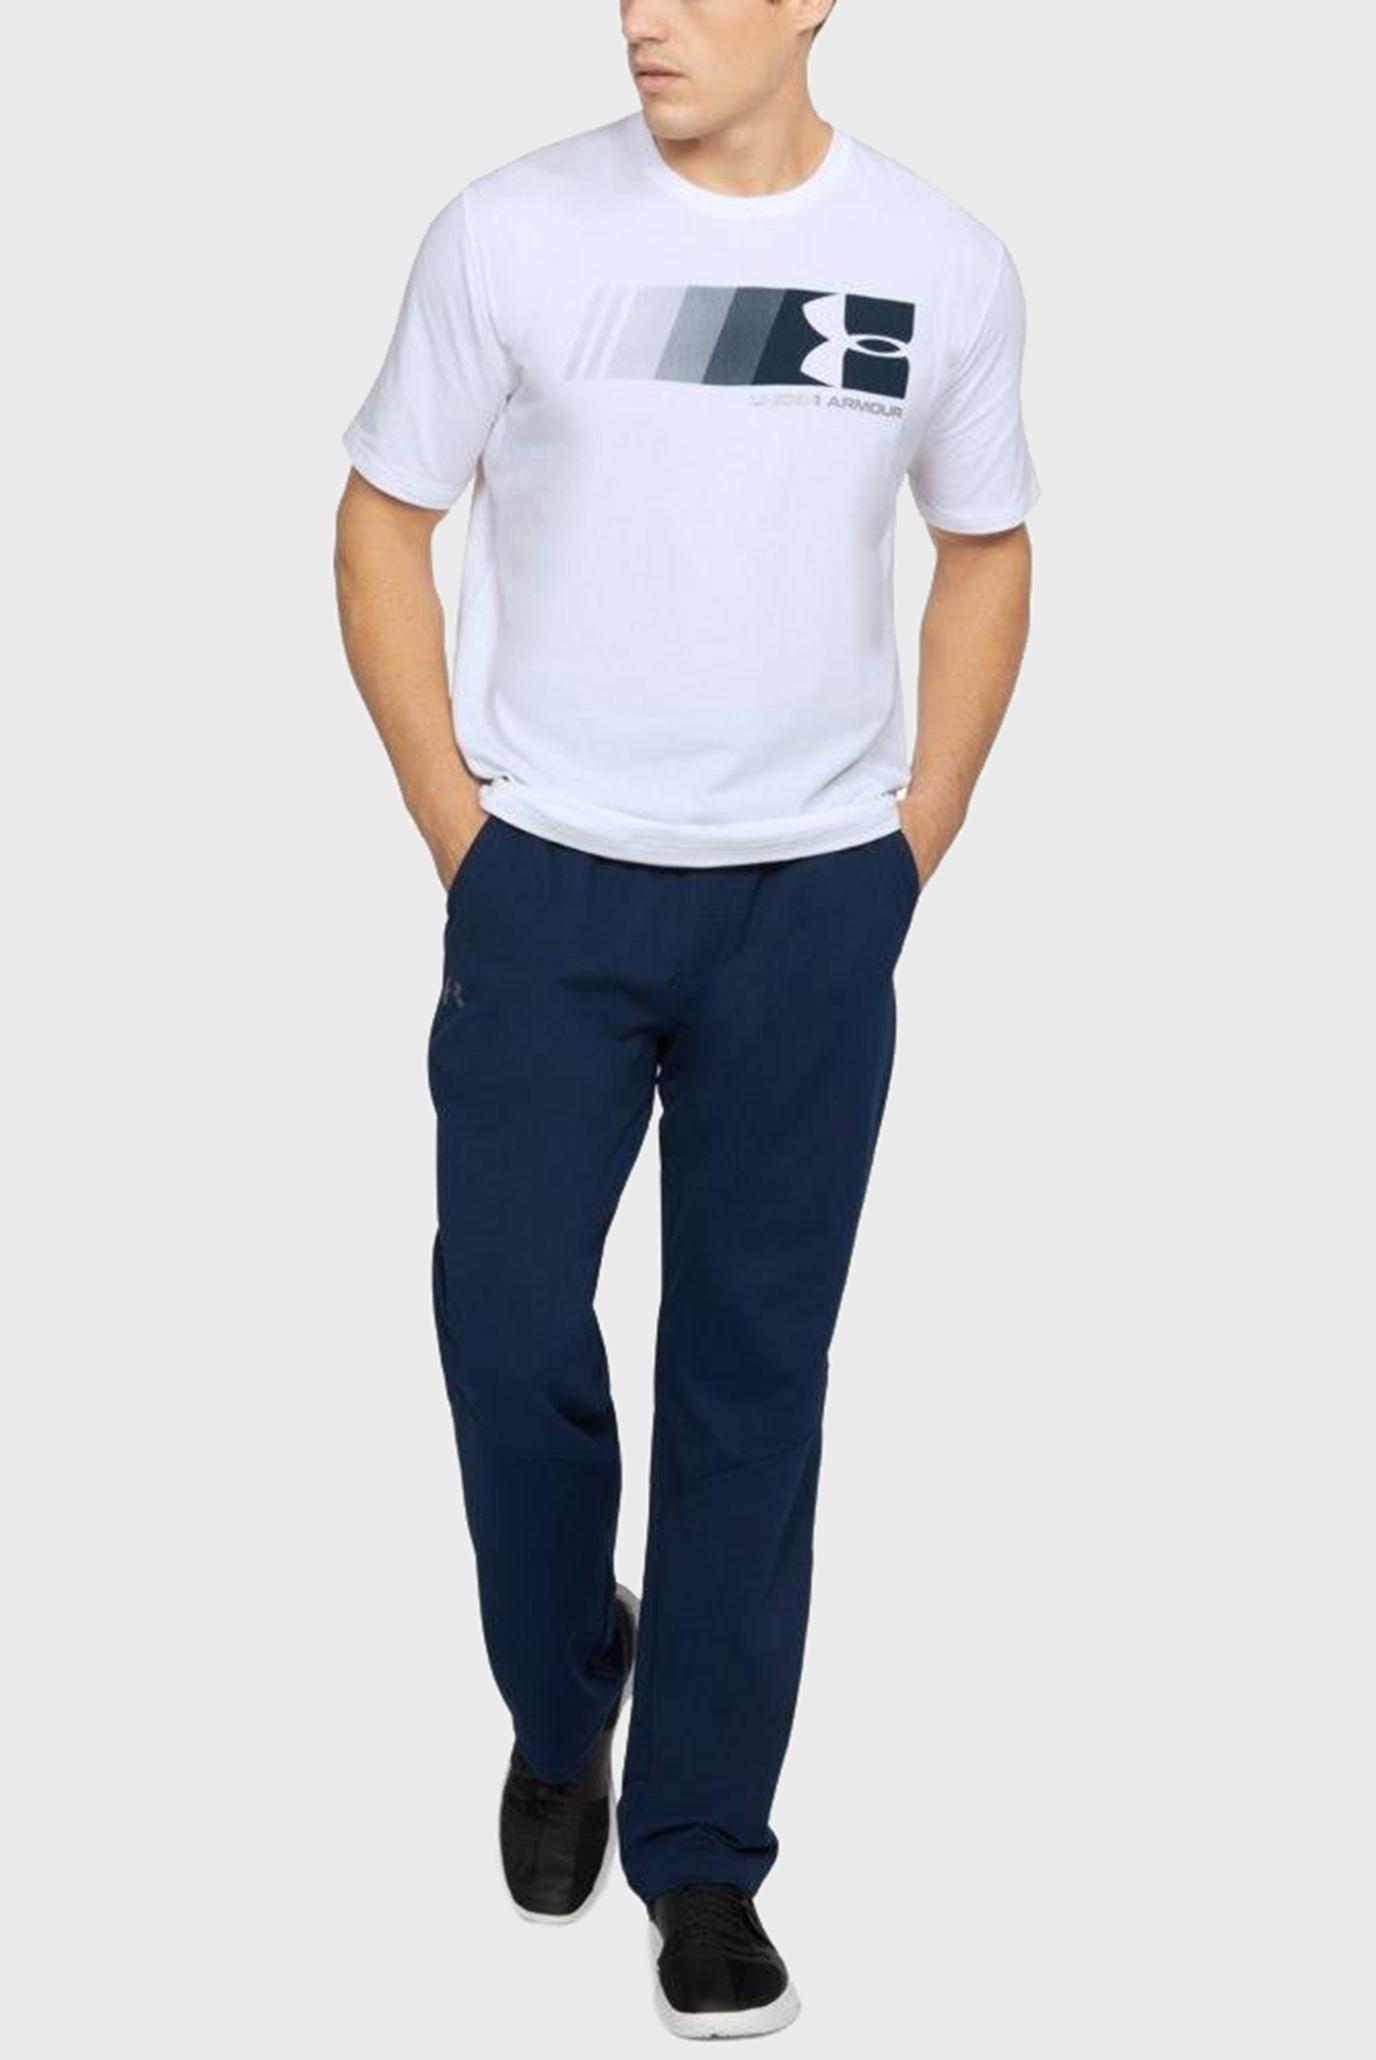 Купить Мужская белая футболка Fast Left Chest Update Under Armour Under Armour 1305659-100 – Киев, Украина. Цены в интернет магазине MD Fashion